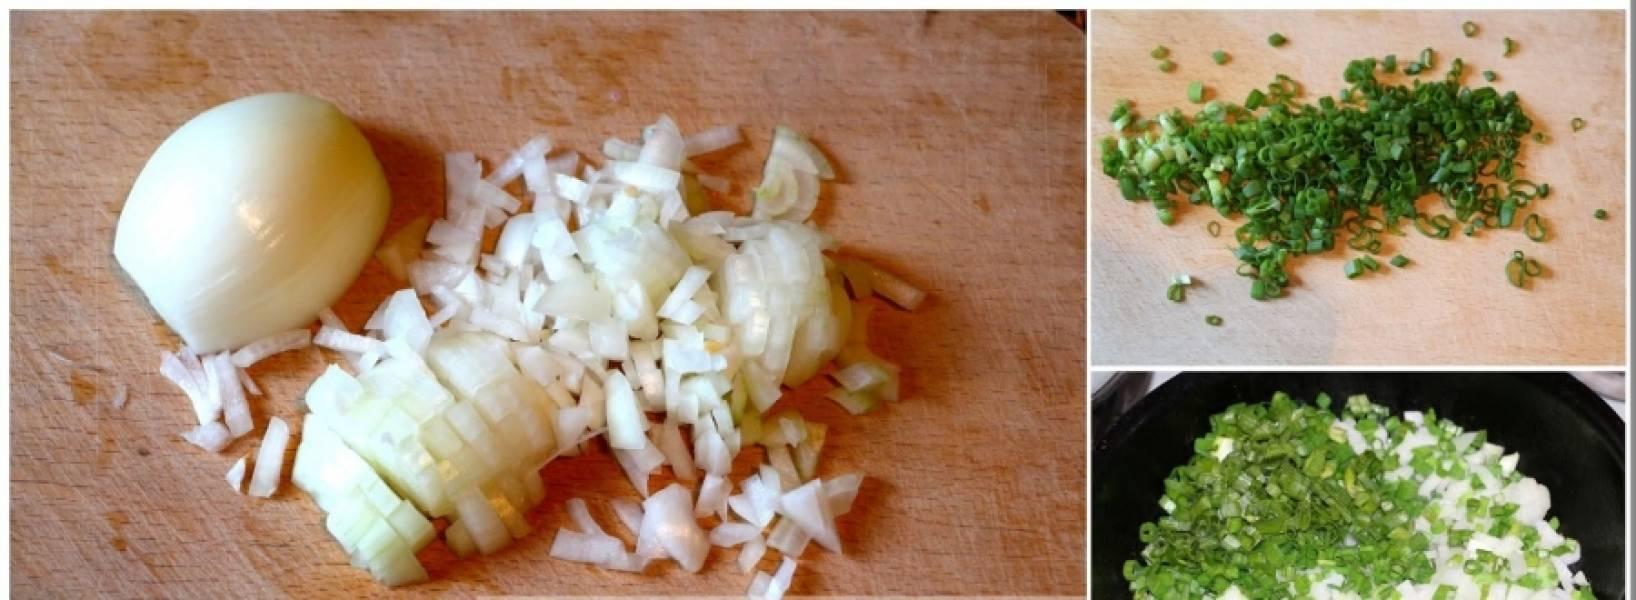 Мелко нарежьте репчатый лук. Зеленый лук хорошо промойте и тоже мелко нарежьте. Обжарьте весь лук на растительном масле до золотистого цвета.